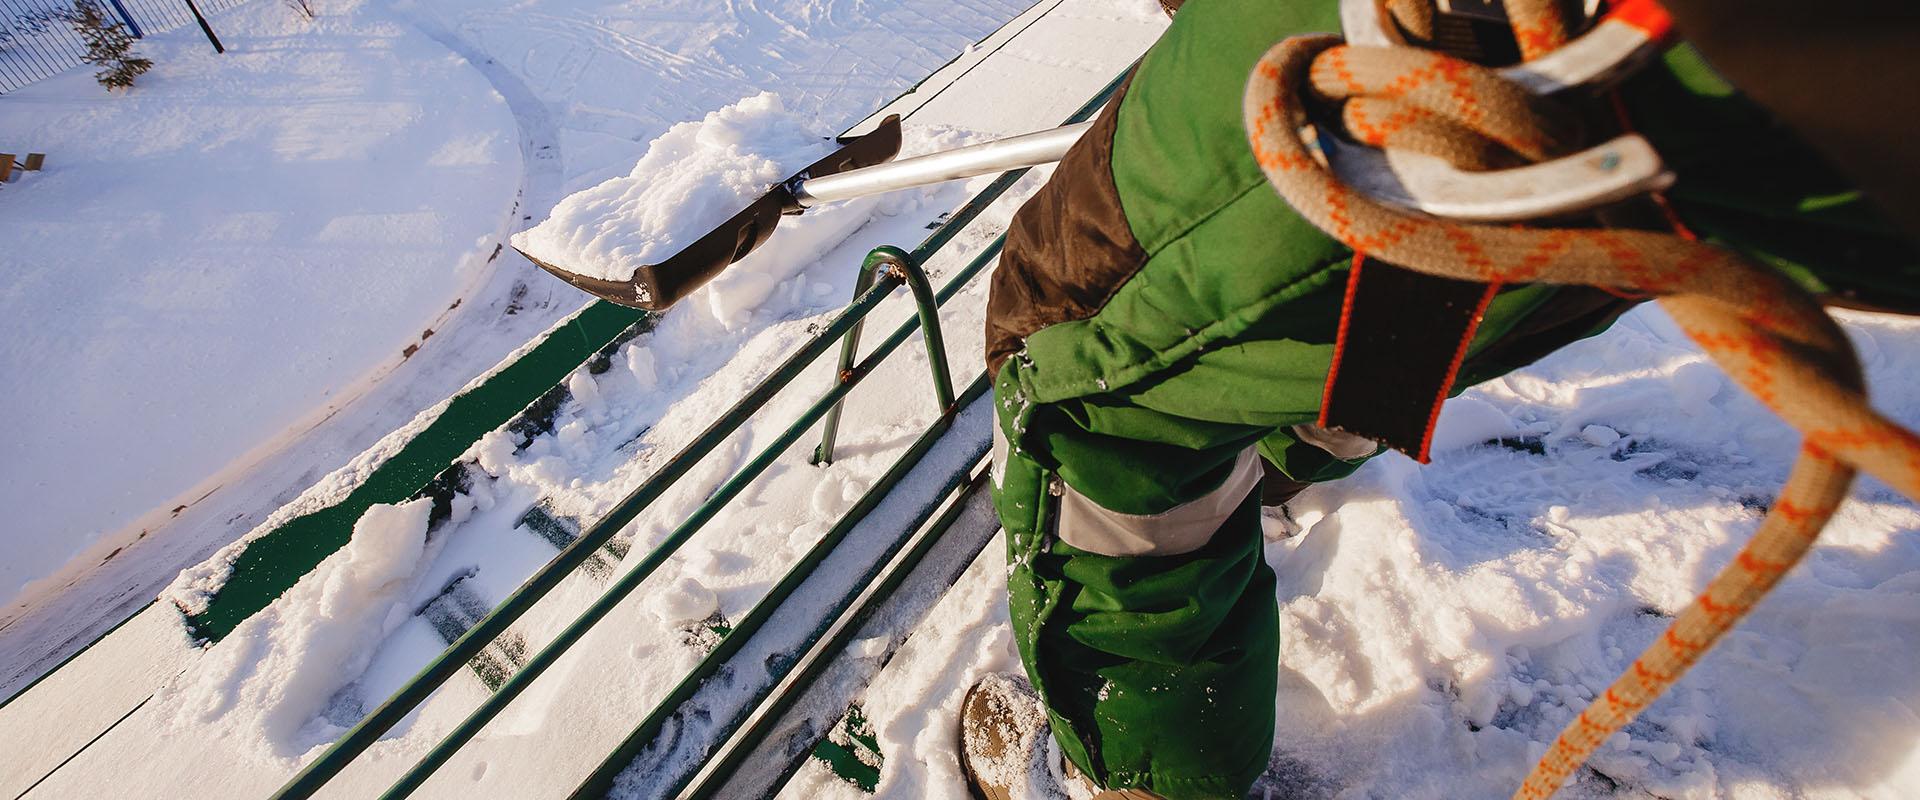 Lumenpudotukset ammattitaidolla Lapin läänissä • Tmi Jyri Kemiläinen